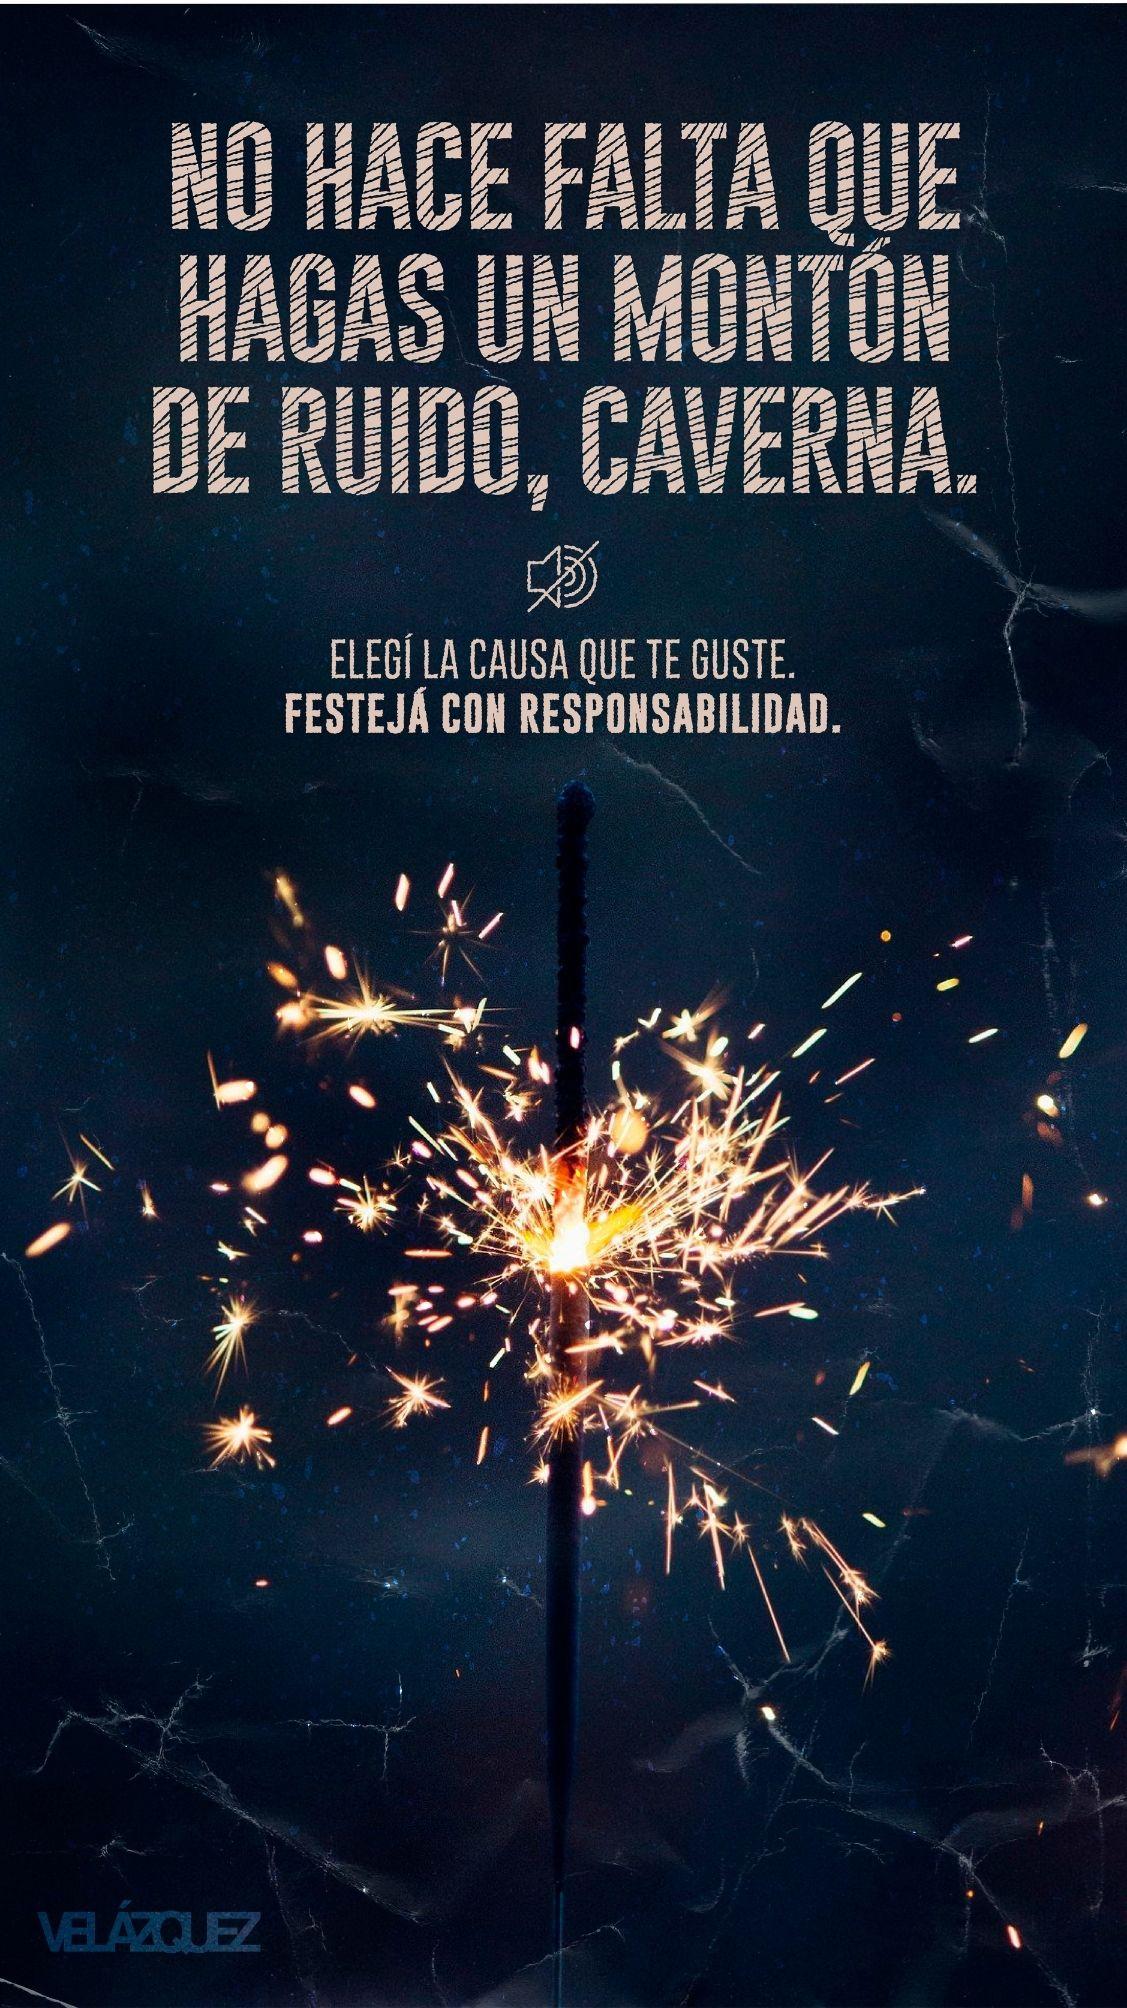 Portfolio de Fabri Velázquez - Fiestas 2020